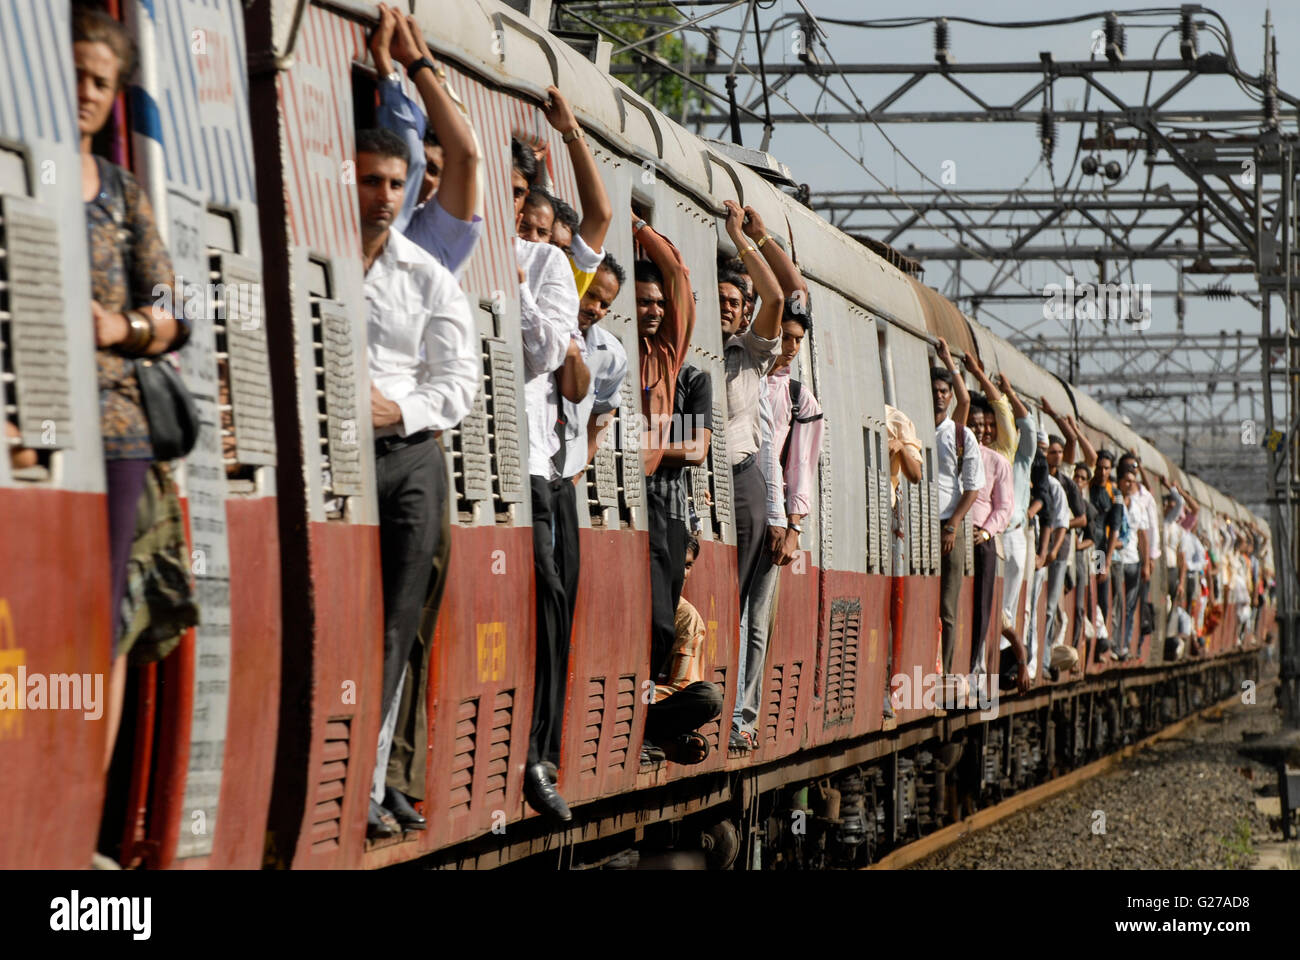 Indien Mumbai Bombay, Fußgänger überqueren einer geschlossenen Bahn Barriere der Stadt Zug der Linie Stockbild